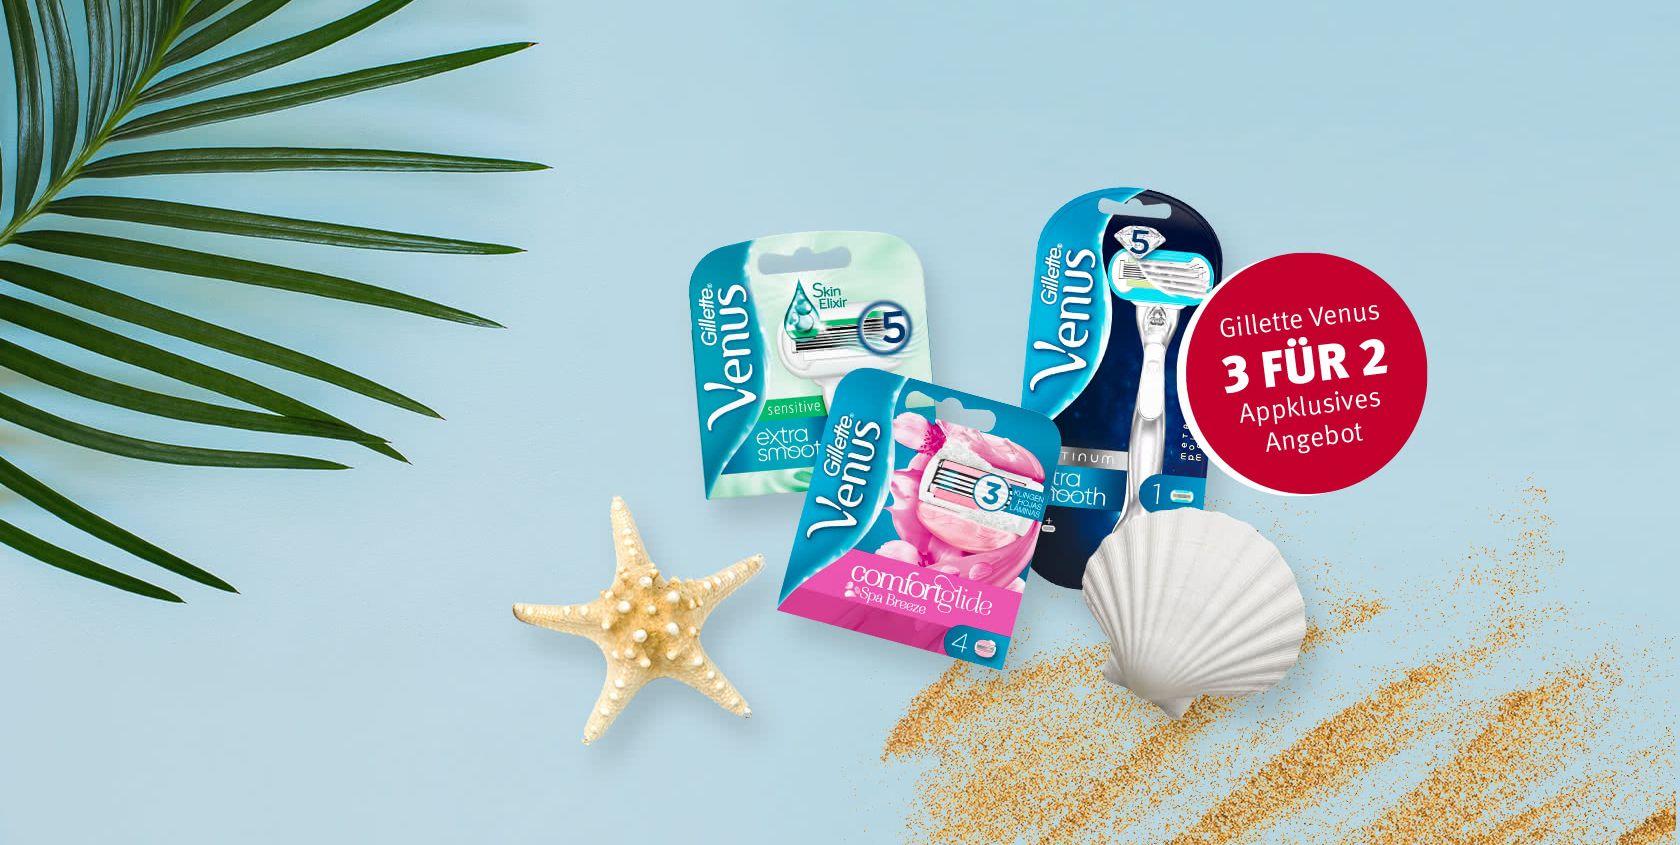 Gillette Venus 3 für 2 - 2 klingenpackungen kaufen, 1 Rasierer kostenlos